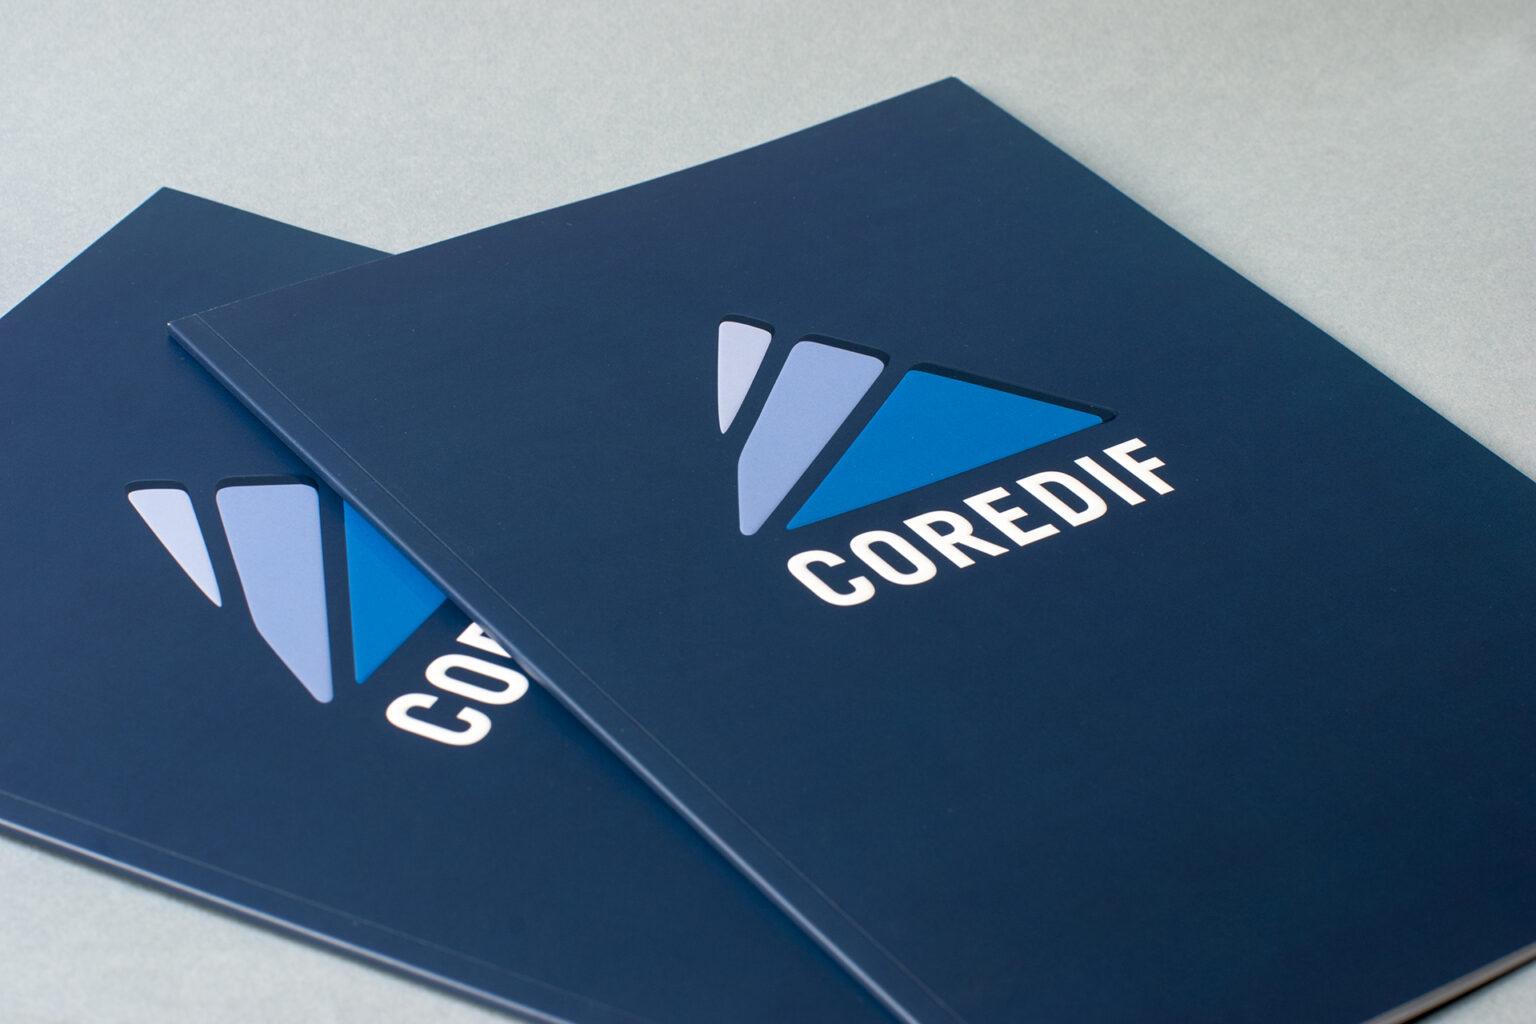 COREDIF Plaquette commerciale par FE Consulting - couverture